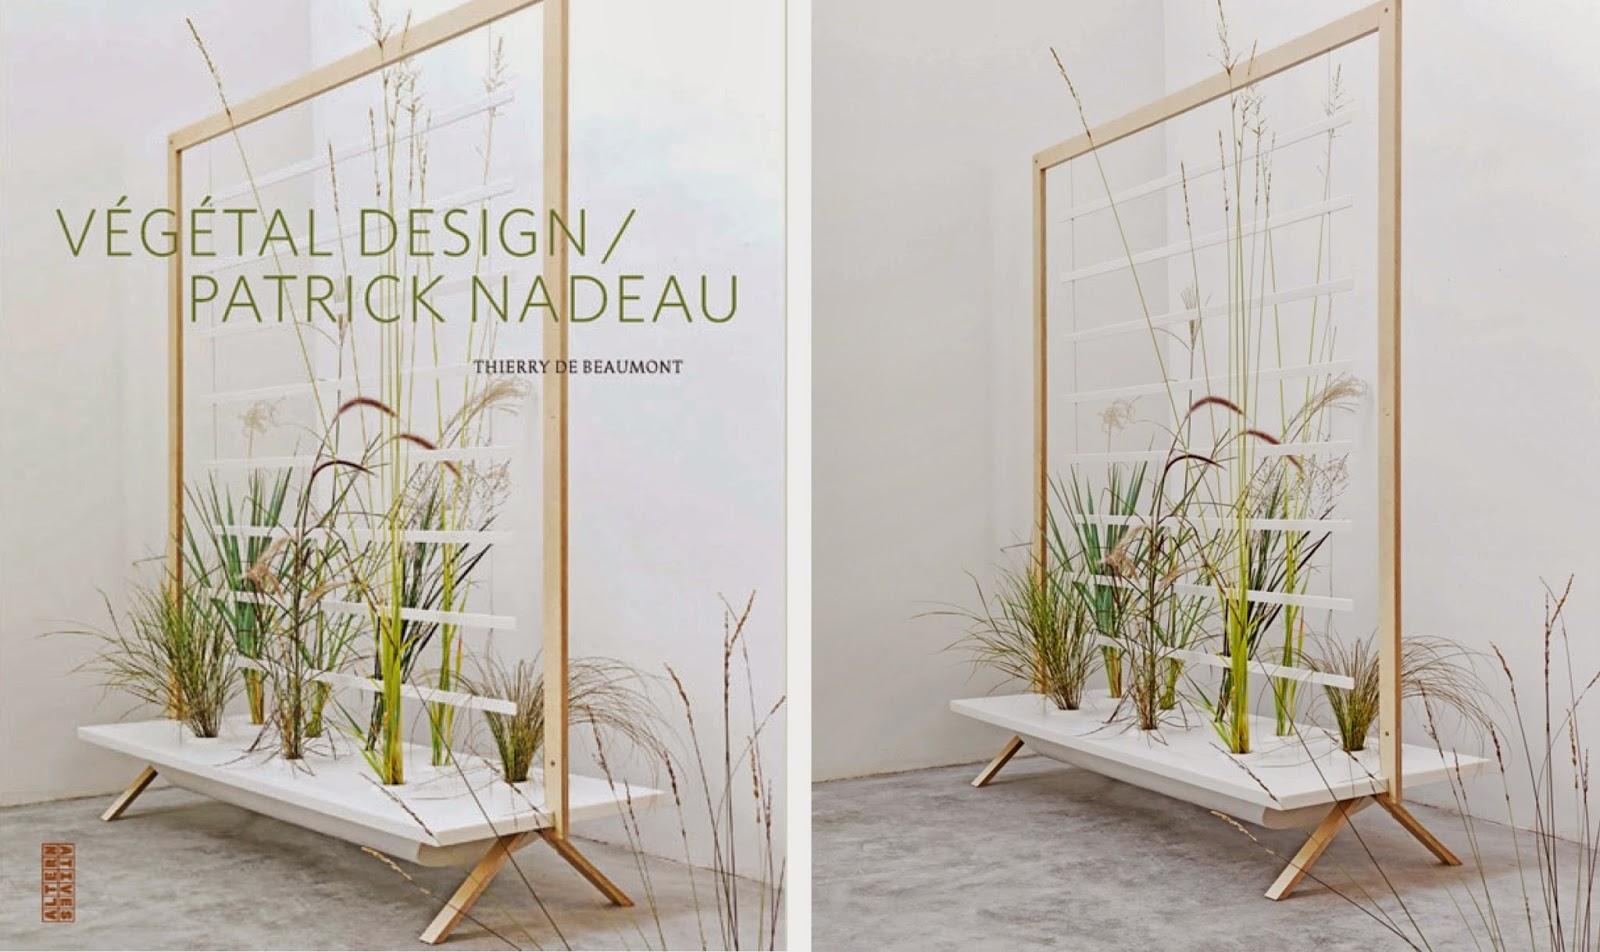 Vegetal Design | Patrick Nadeau